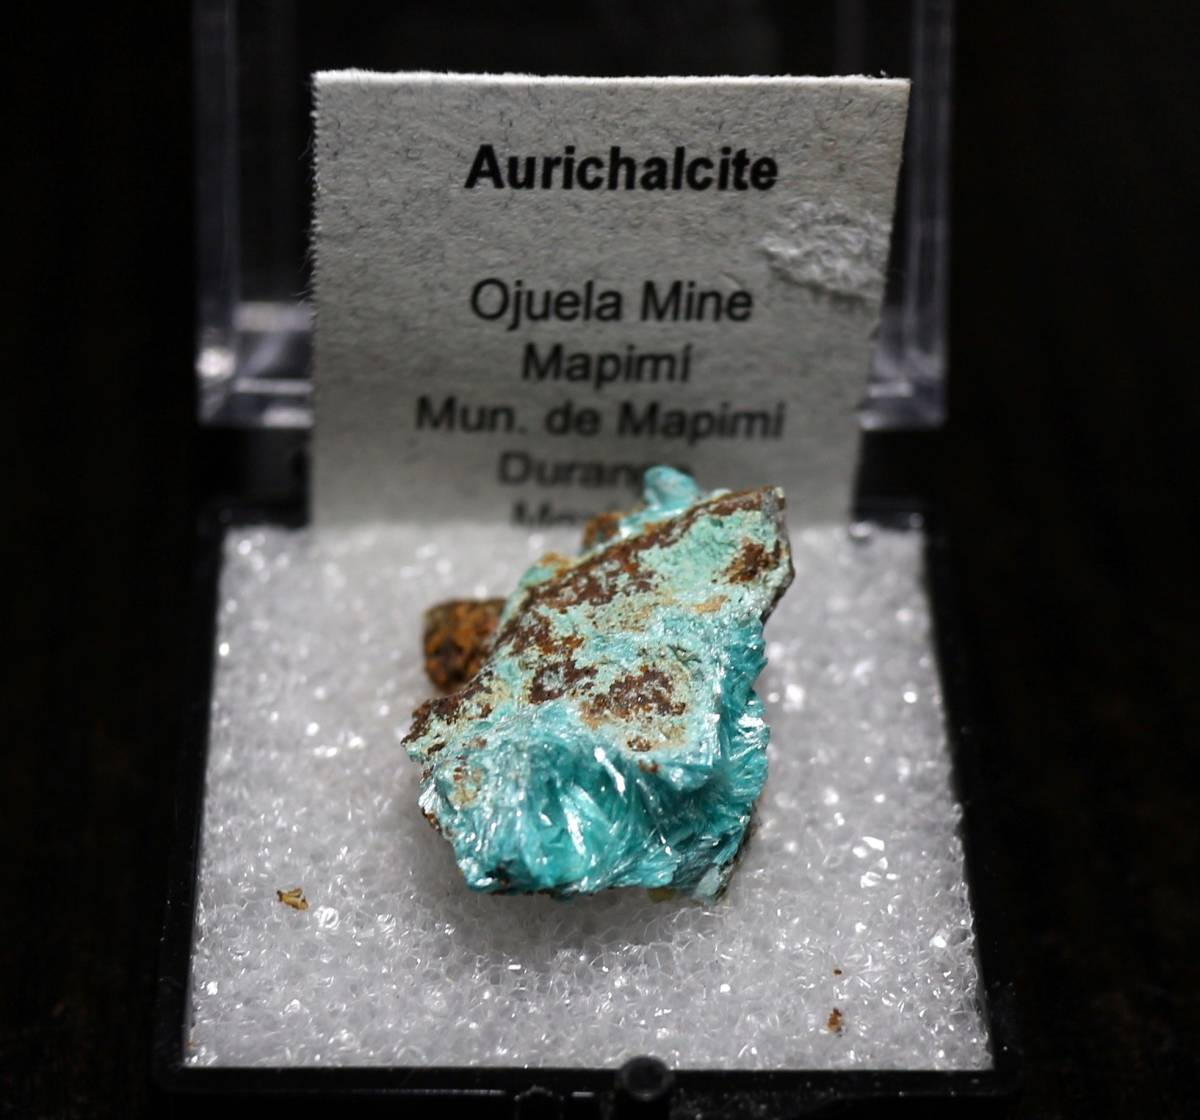 メキシコ産 水亜鉛銅鉱 / オーリチャルサイト ケース入り ACC002